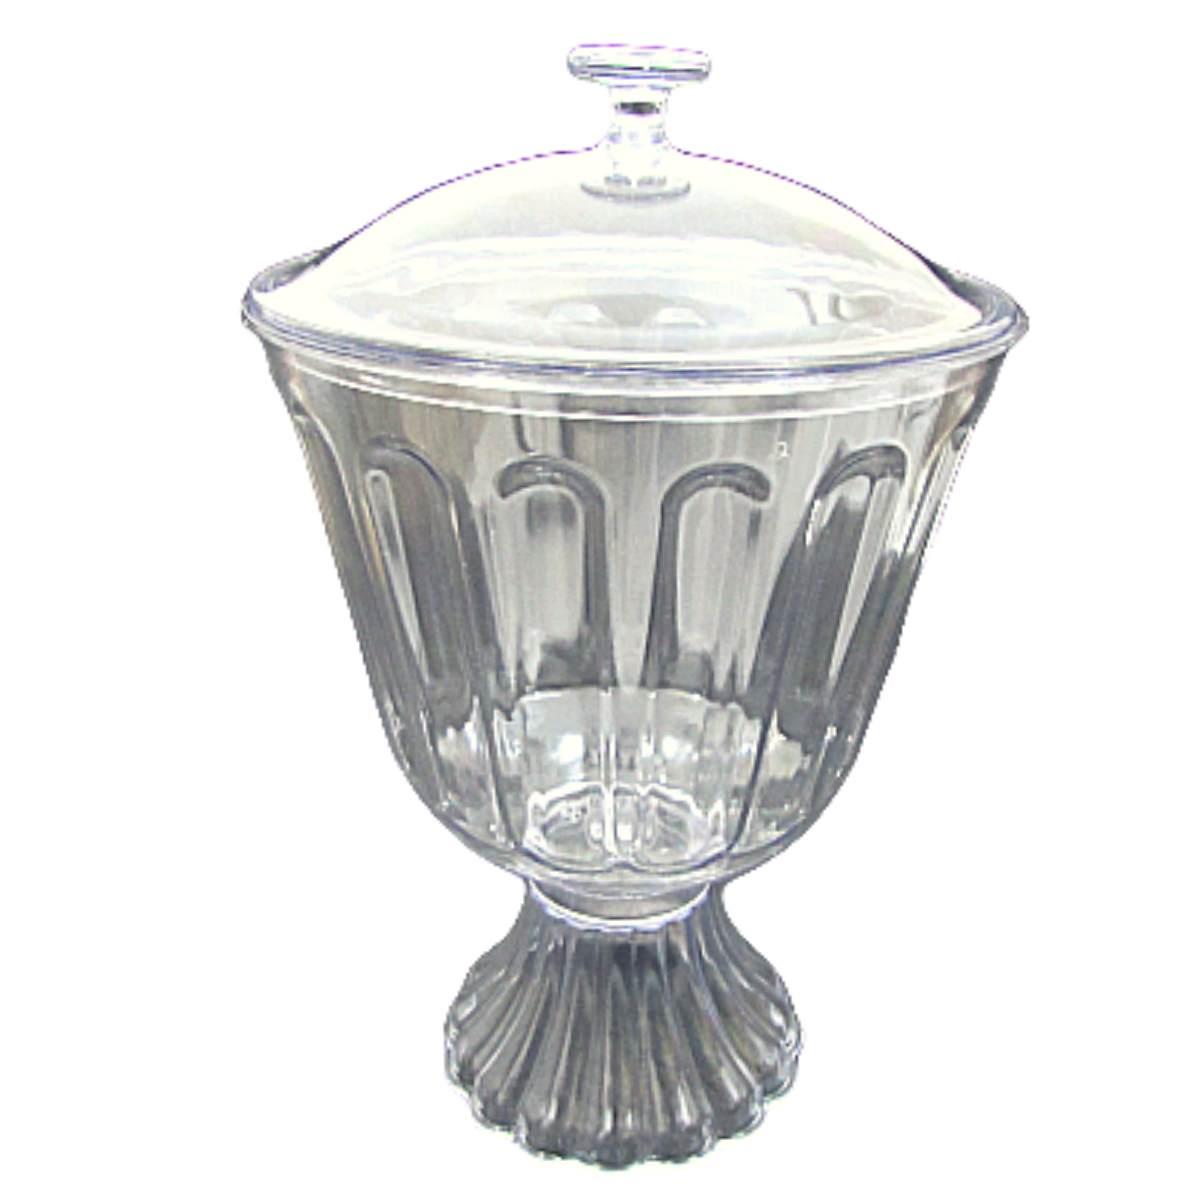 Taça de Acrílico com tampa Transparente Bolo de Colher Confeiteiro 1,250ml